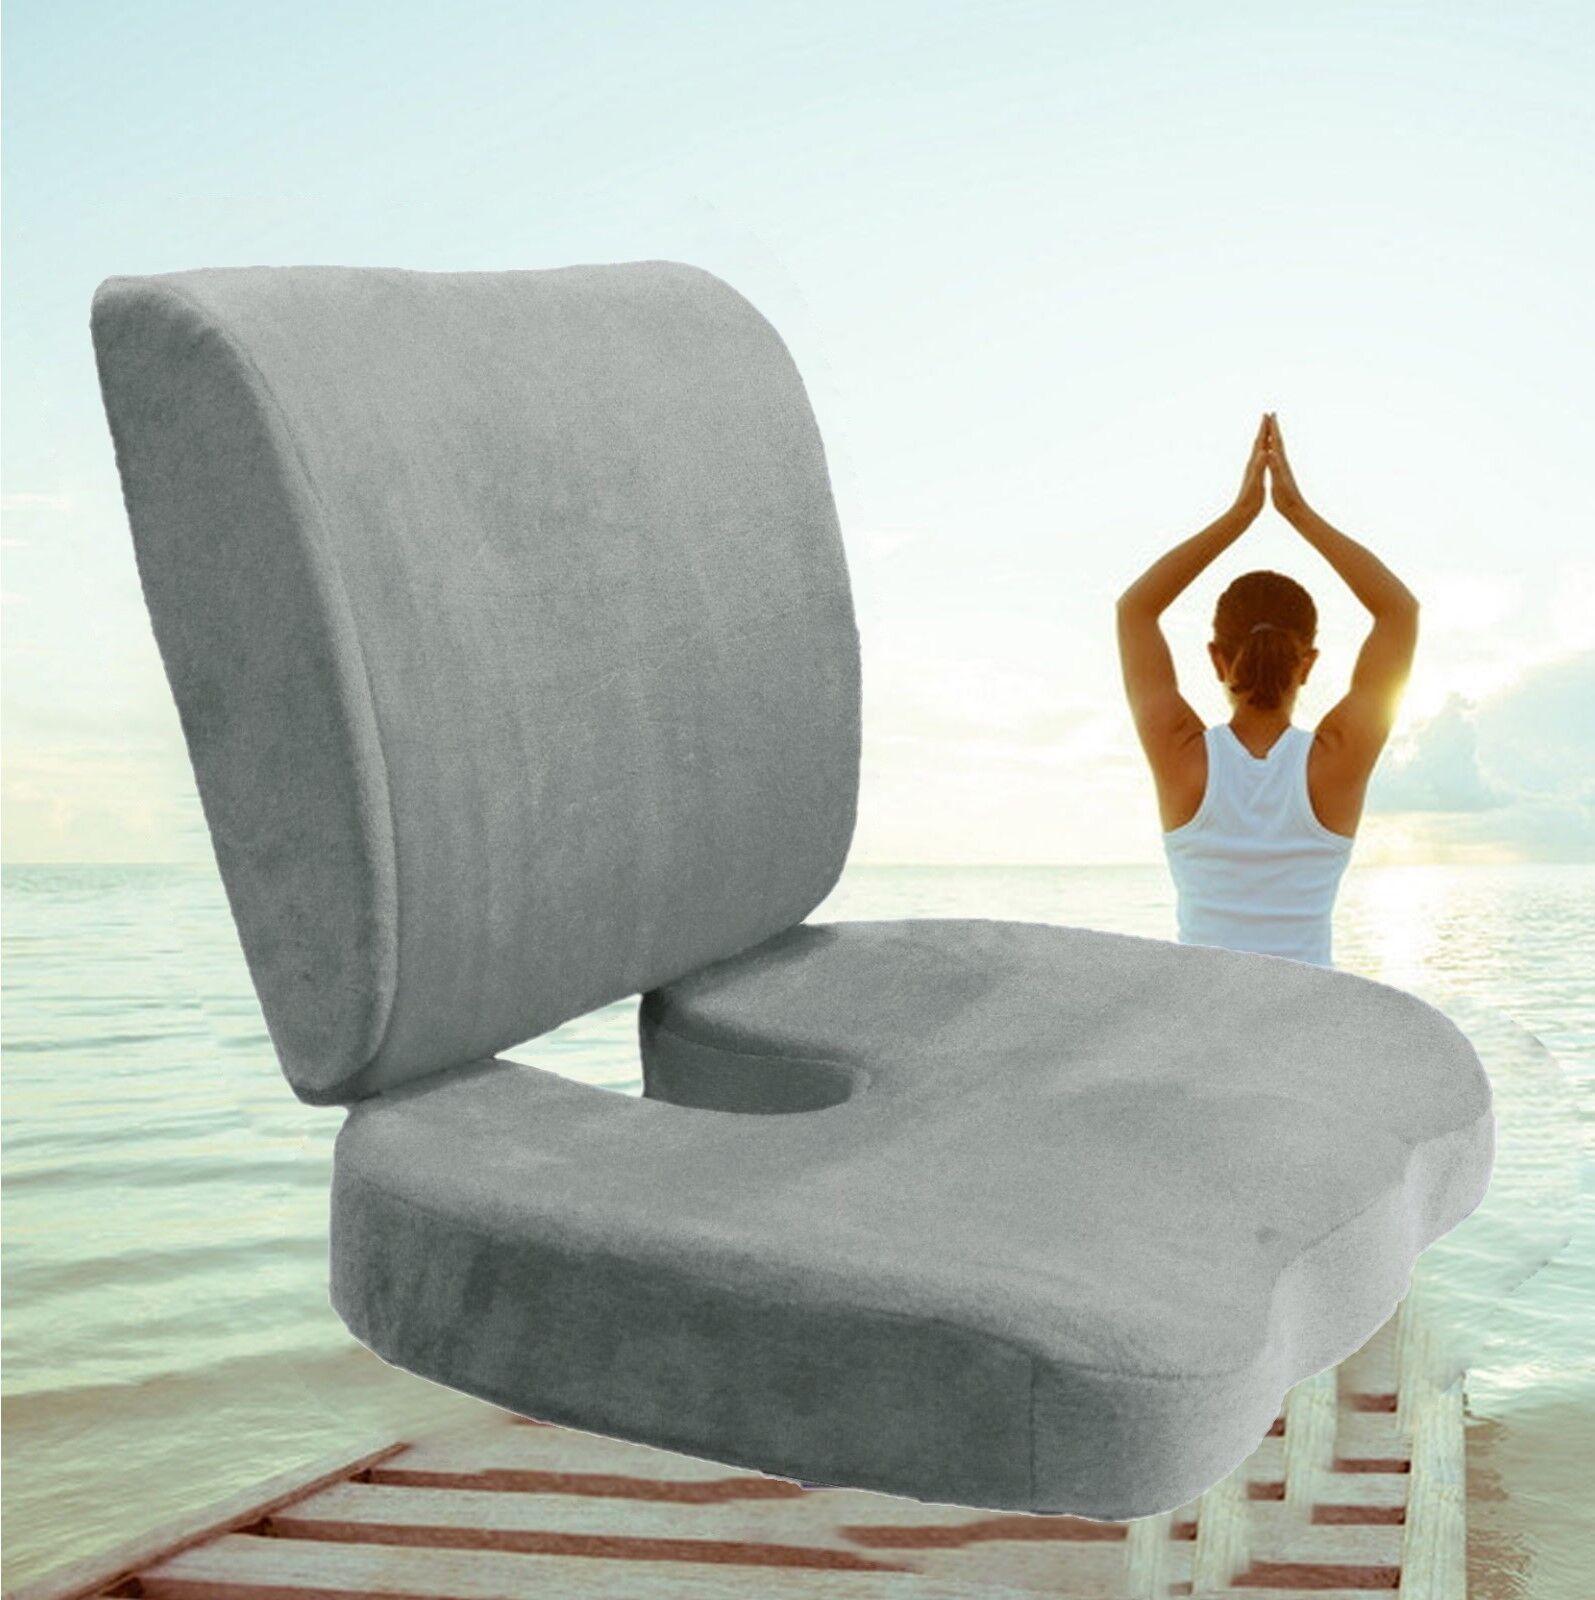 Memory Foam Coccyx Orthopedic Seat Cushion Back Support Lumb